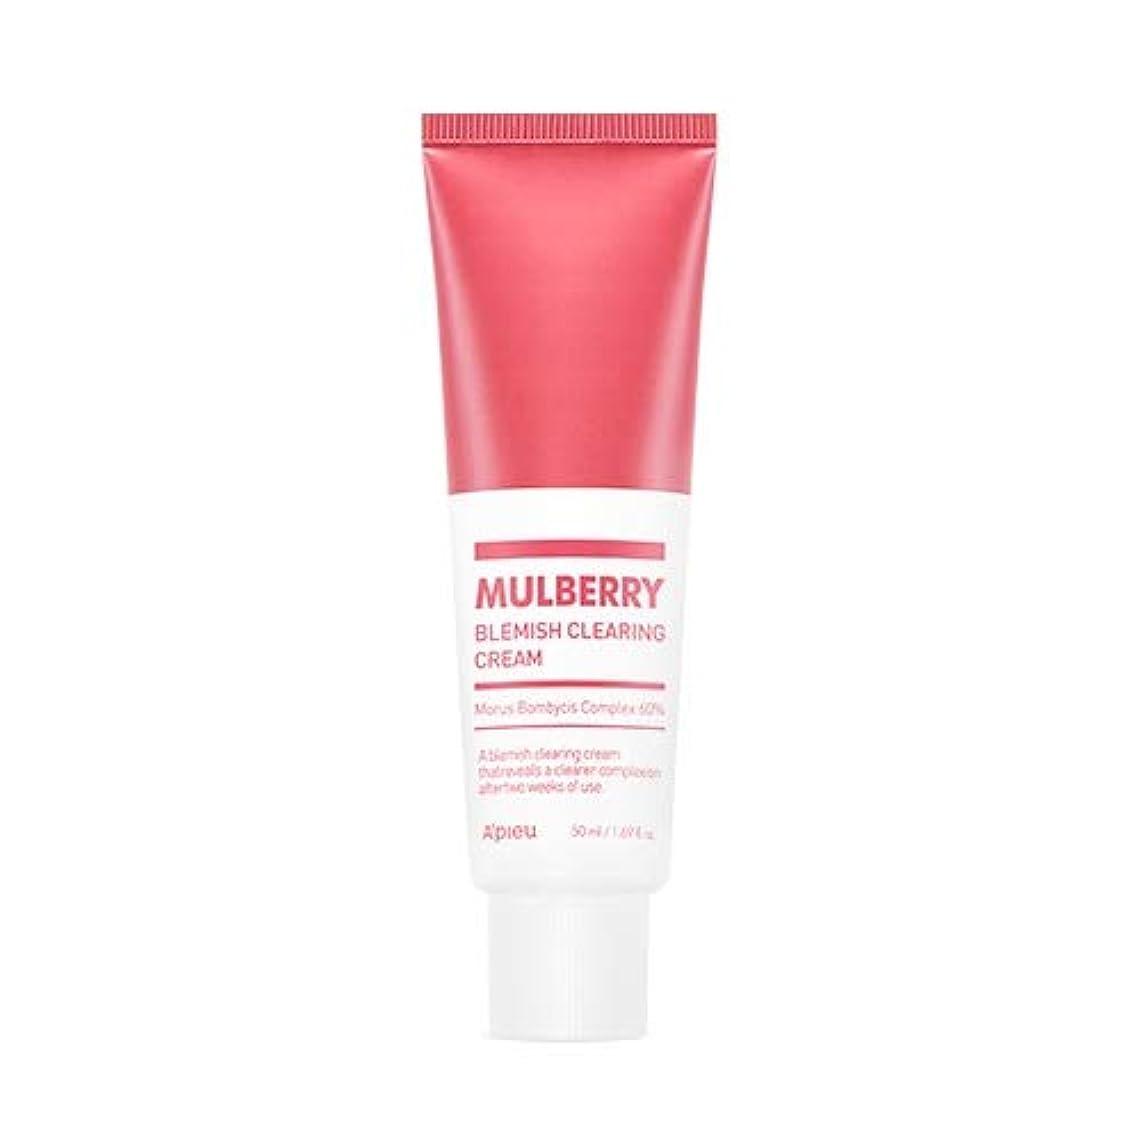 労苦予知電報アピュ マルベリー ブラミッシュ クリアリング クリーム 50ml / APIEU Mulberry Blemish Clearing Cream 50ml [並行輸入品]